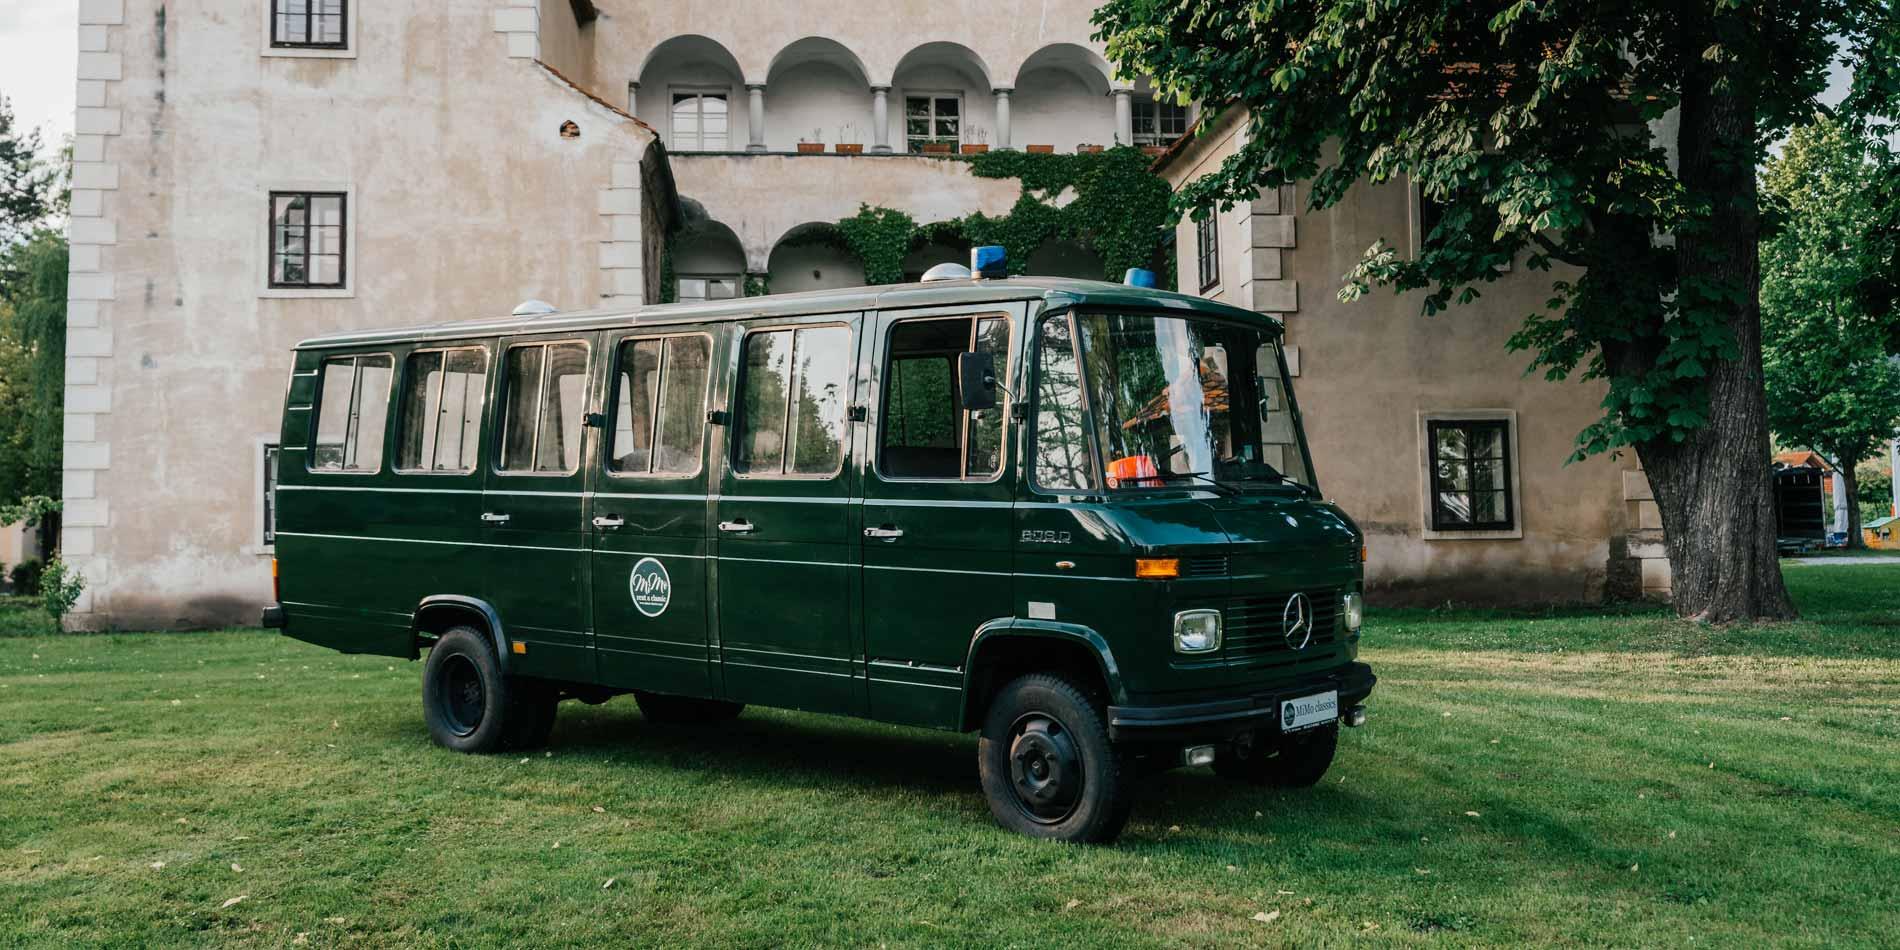 mimo-classics-oldtimervermietung-graz-polizeibus-00